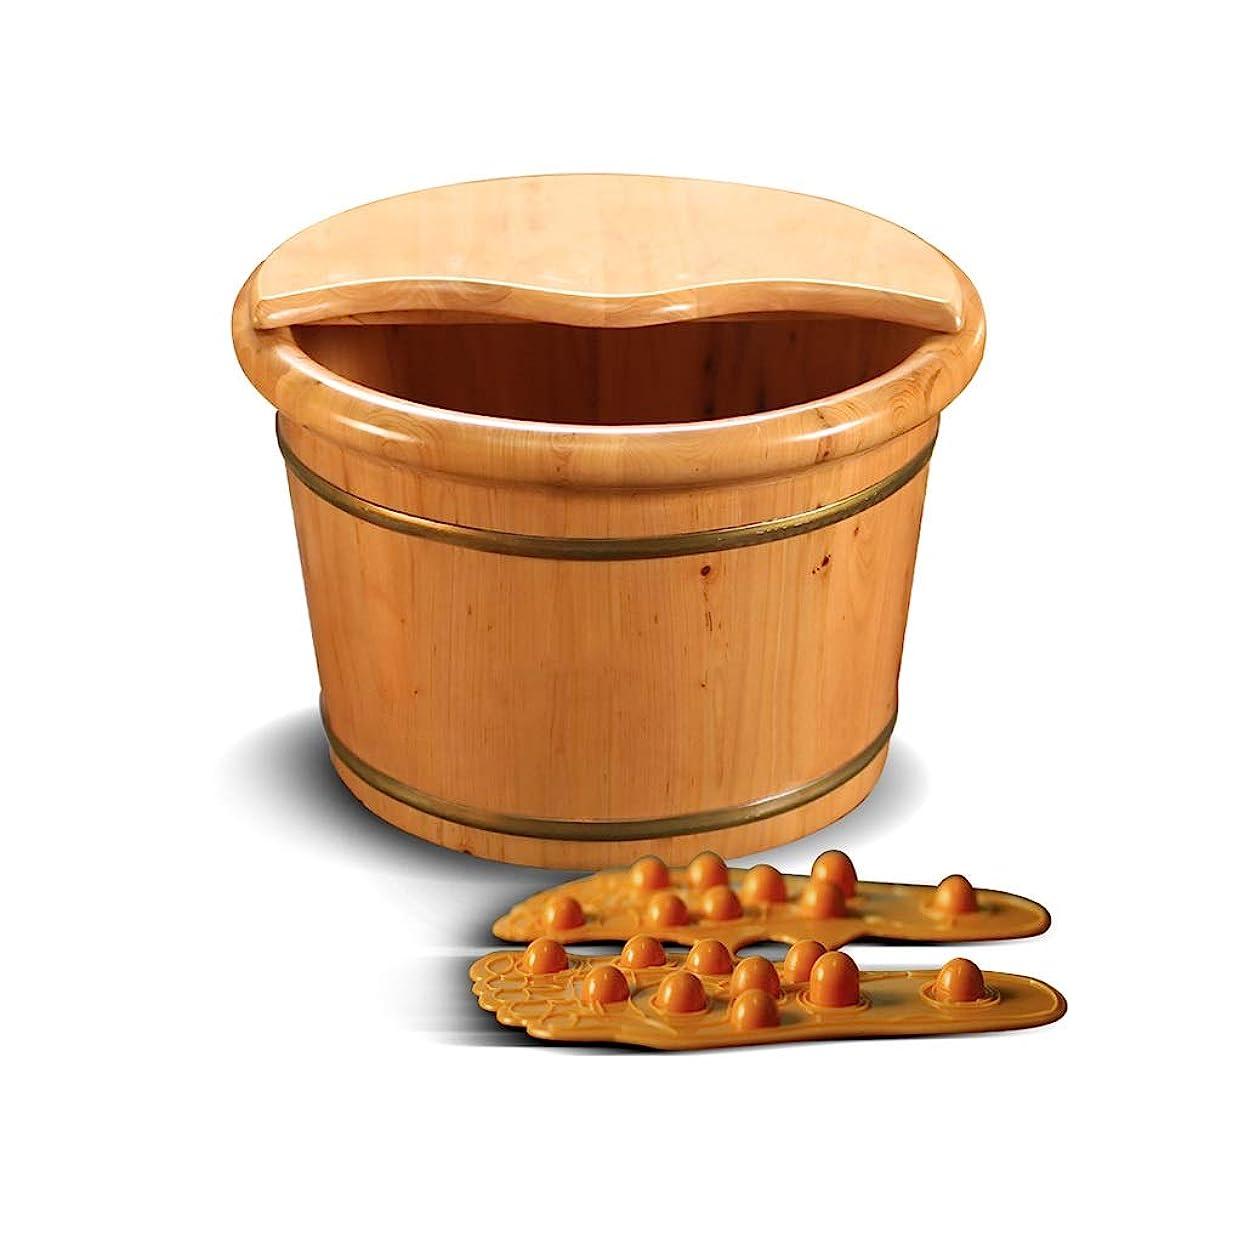 ウルルすでに雹木製サウナバケツ,防水 防漏足浴桶,使用簡単 おしゃれ サウナバケッ,ト滑らかい 繊細 手作り